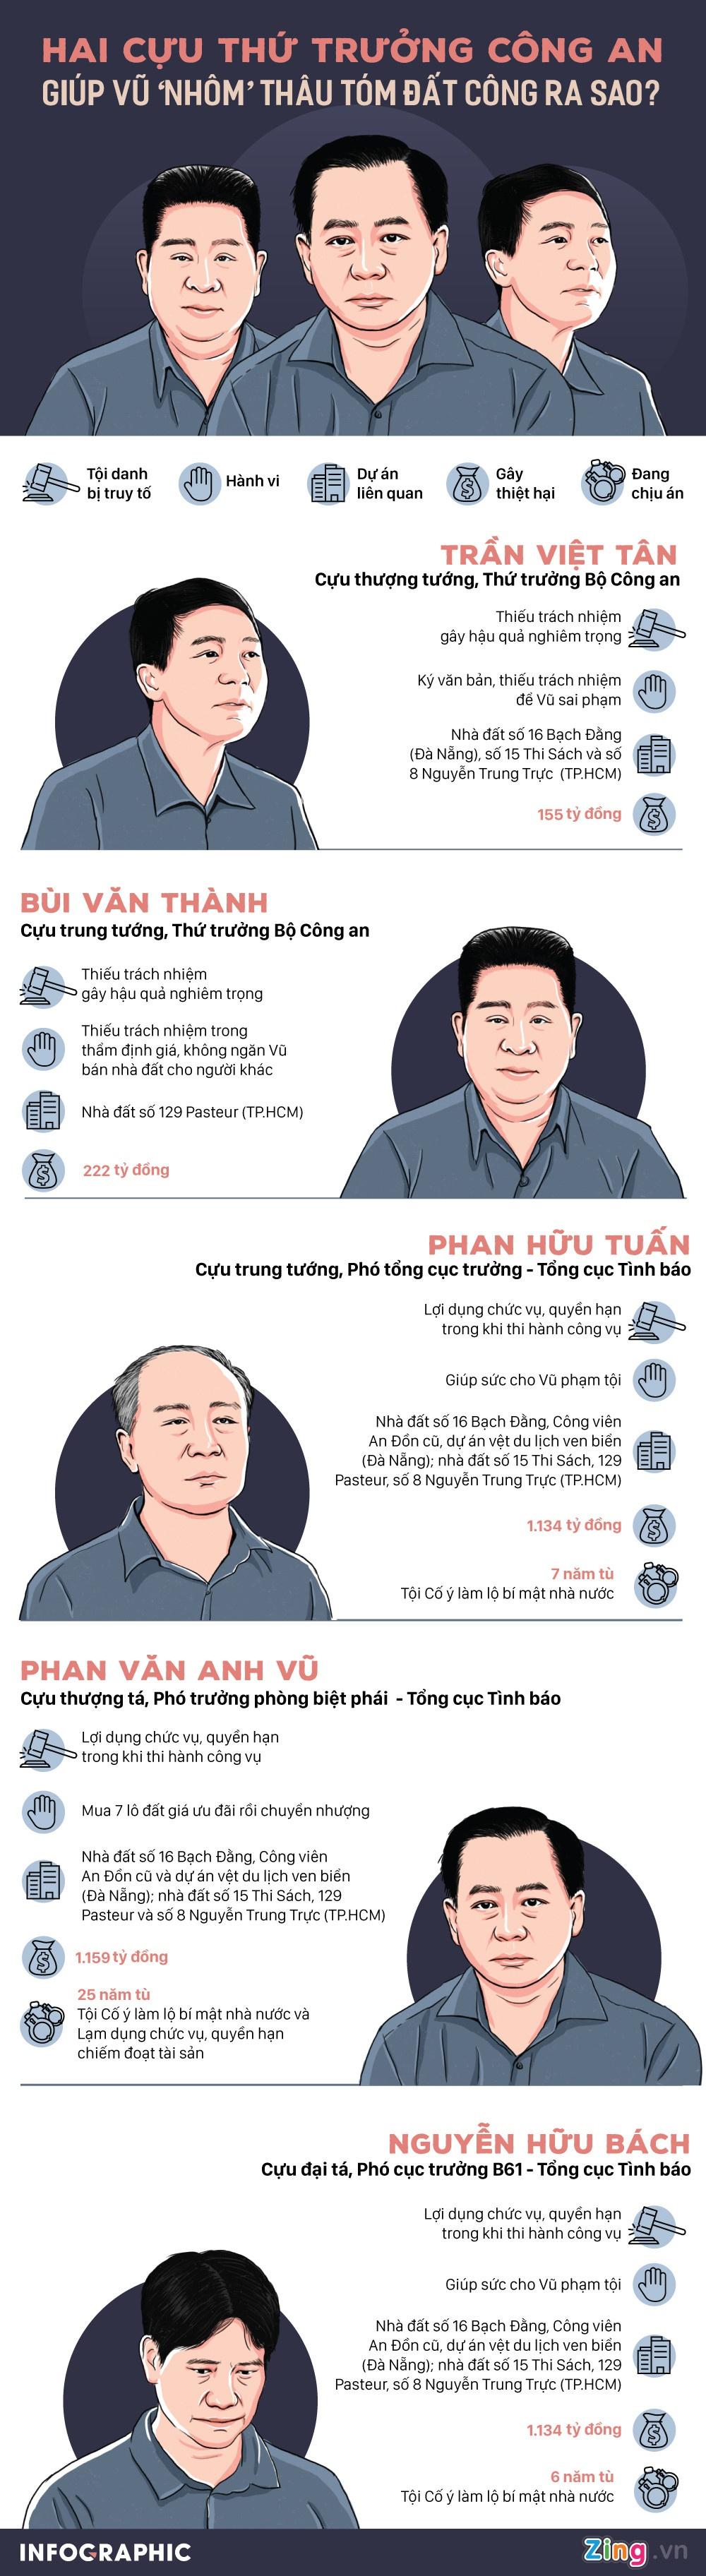 Hai cuu thu truong Bo Cong an bi de nghi 30-42 thang tu hinh anh 4